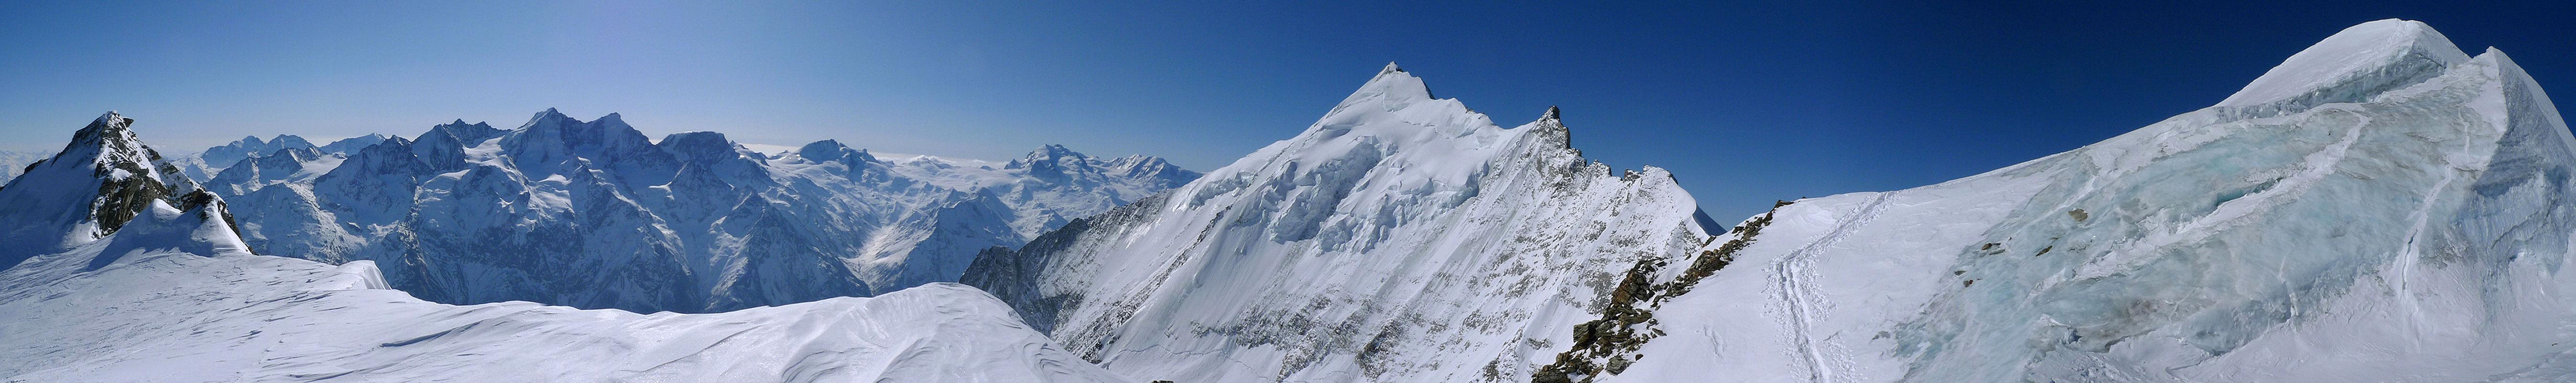 Bishorn Walliser Alpen / Alpes valaisannes Switzerland panorama 49